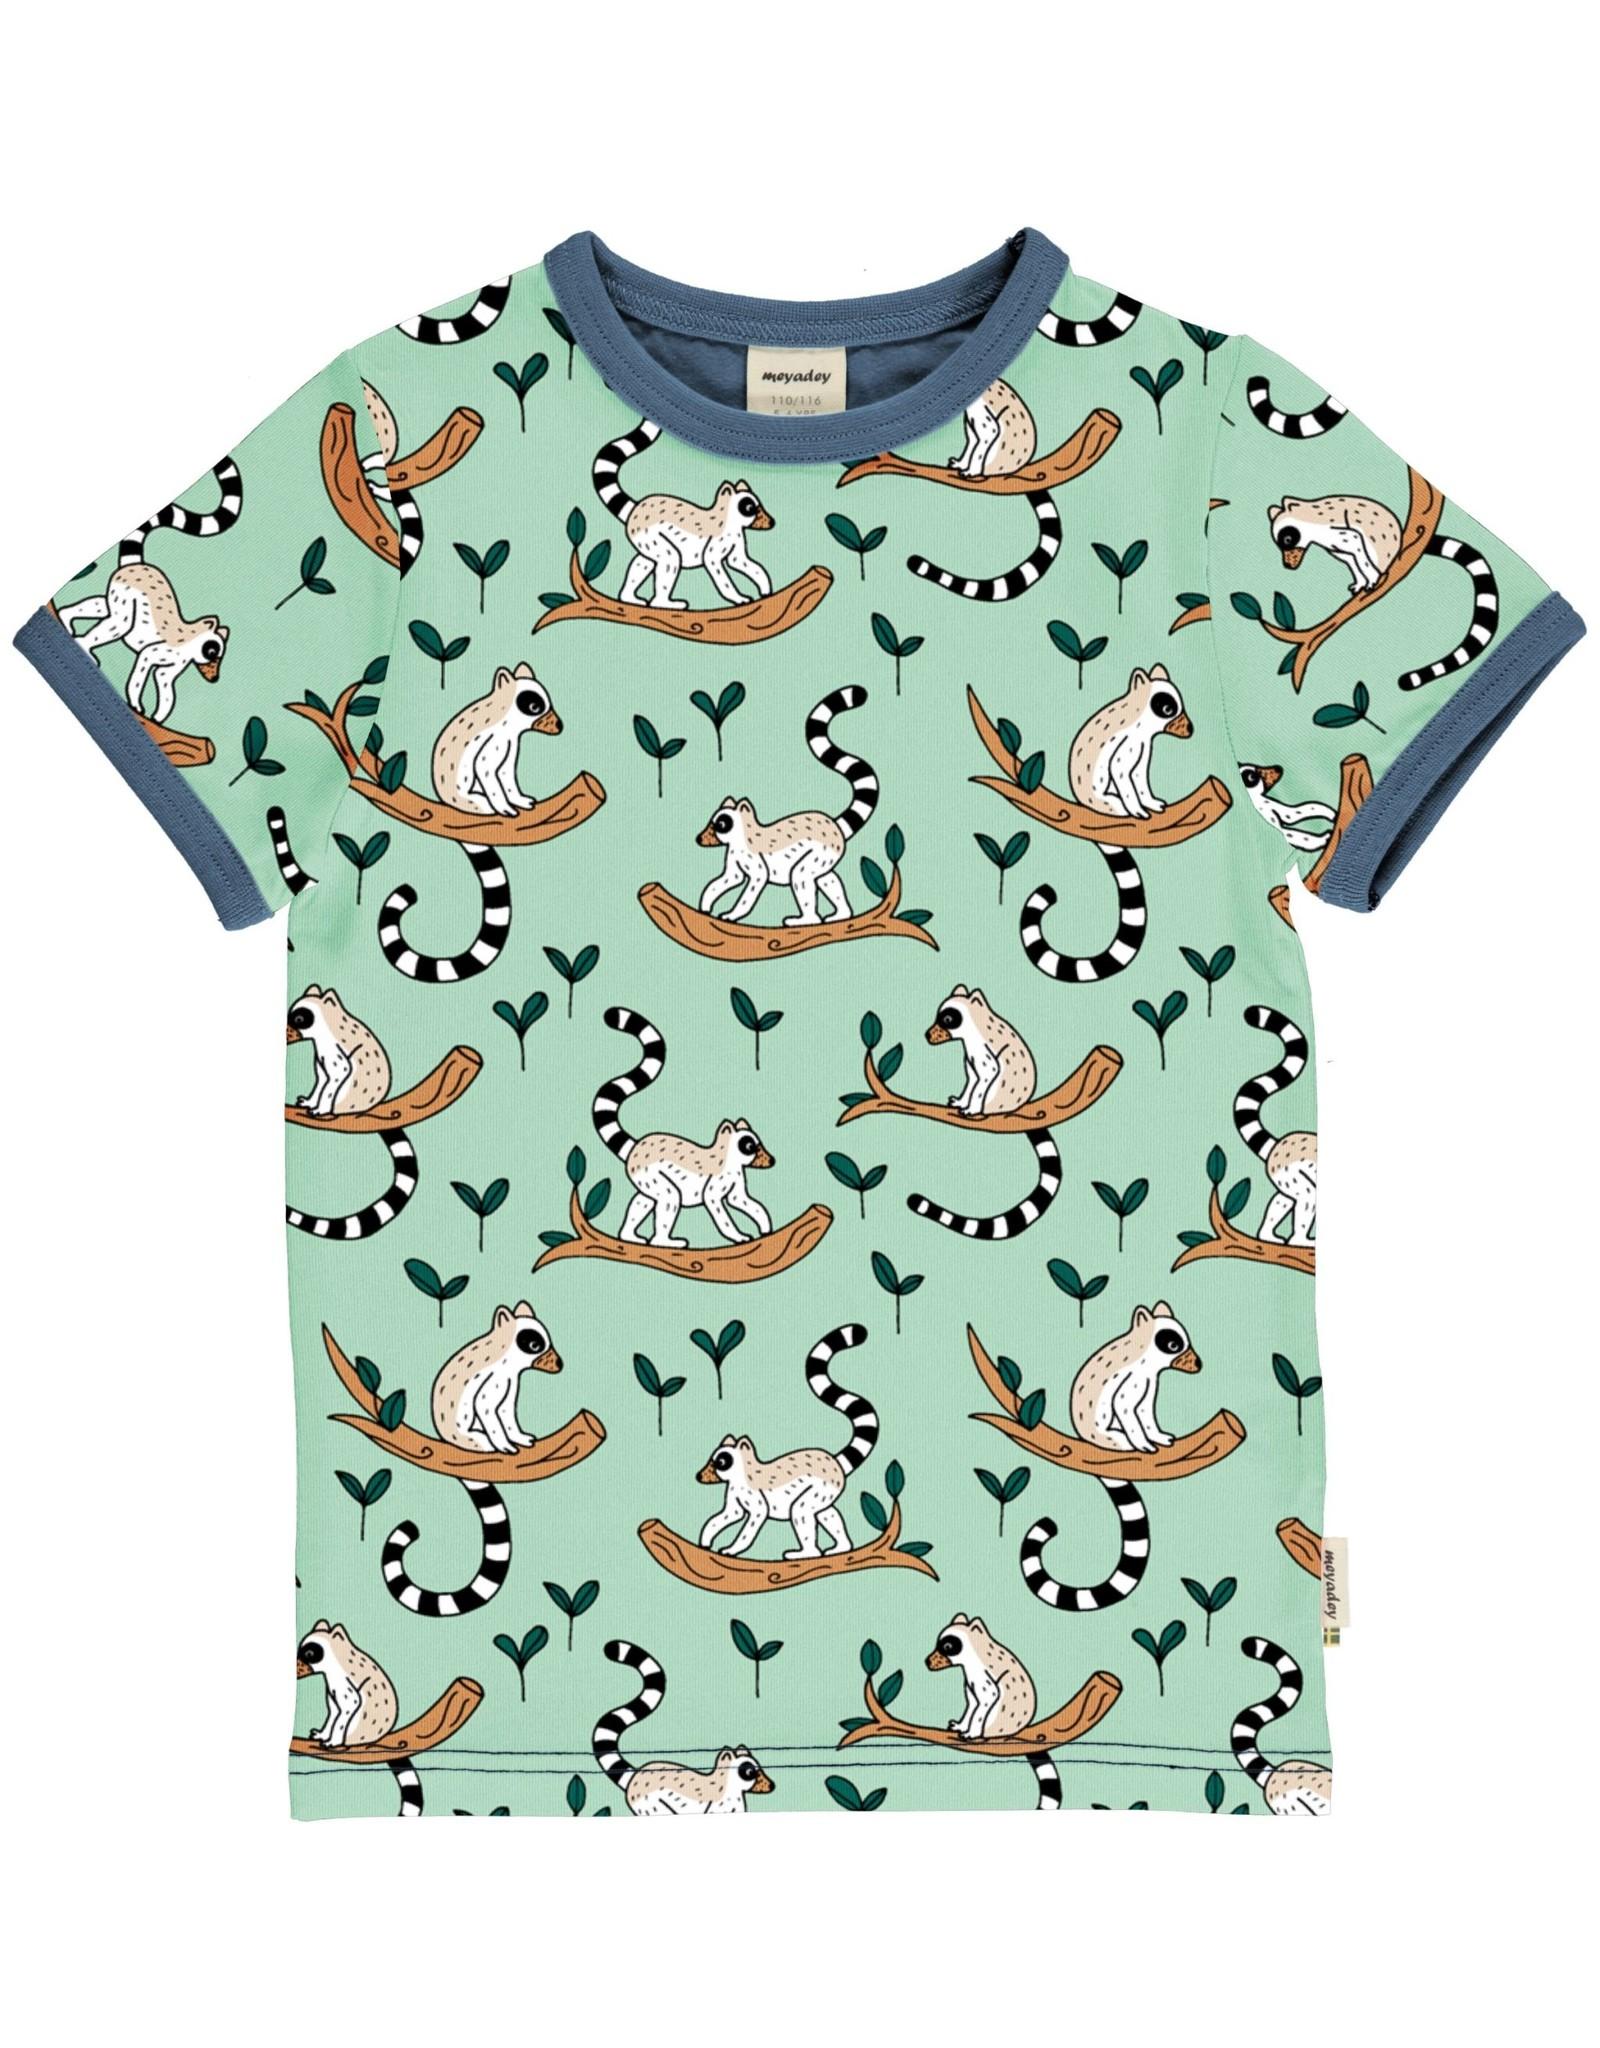 Meyadey T-shirt met ringstaartmaki's